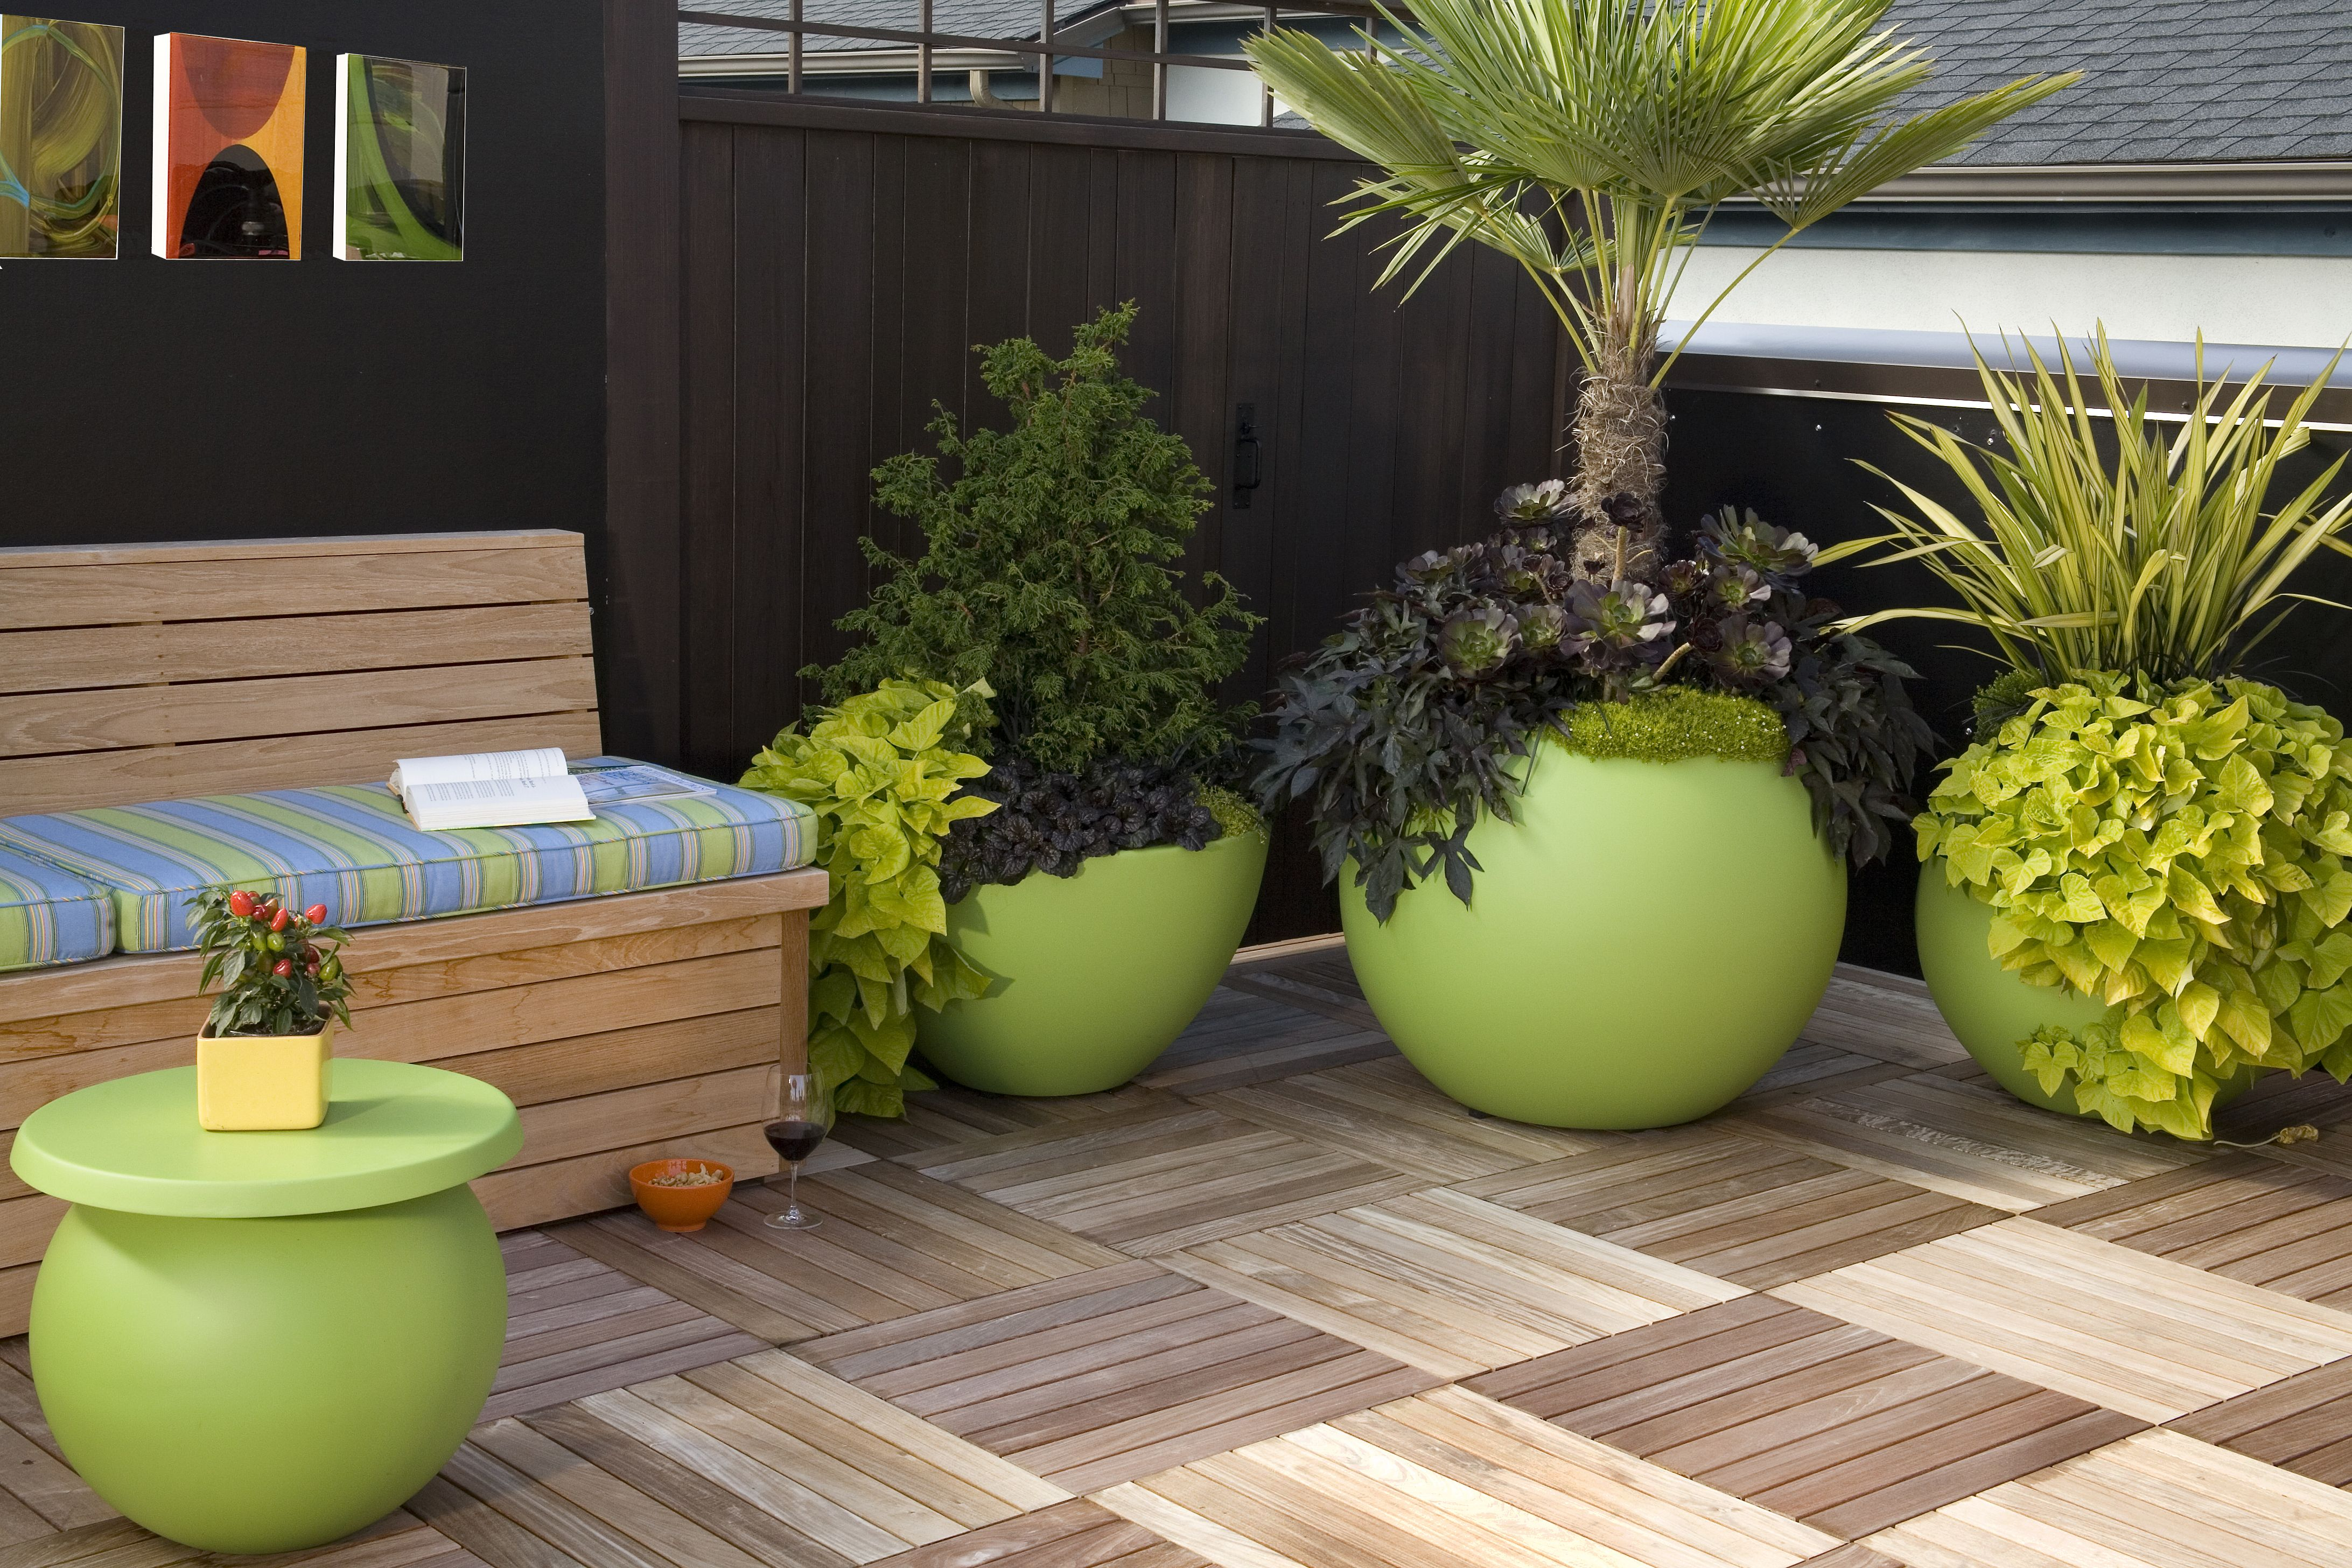 crédit photo www.furniturefashion.com